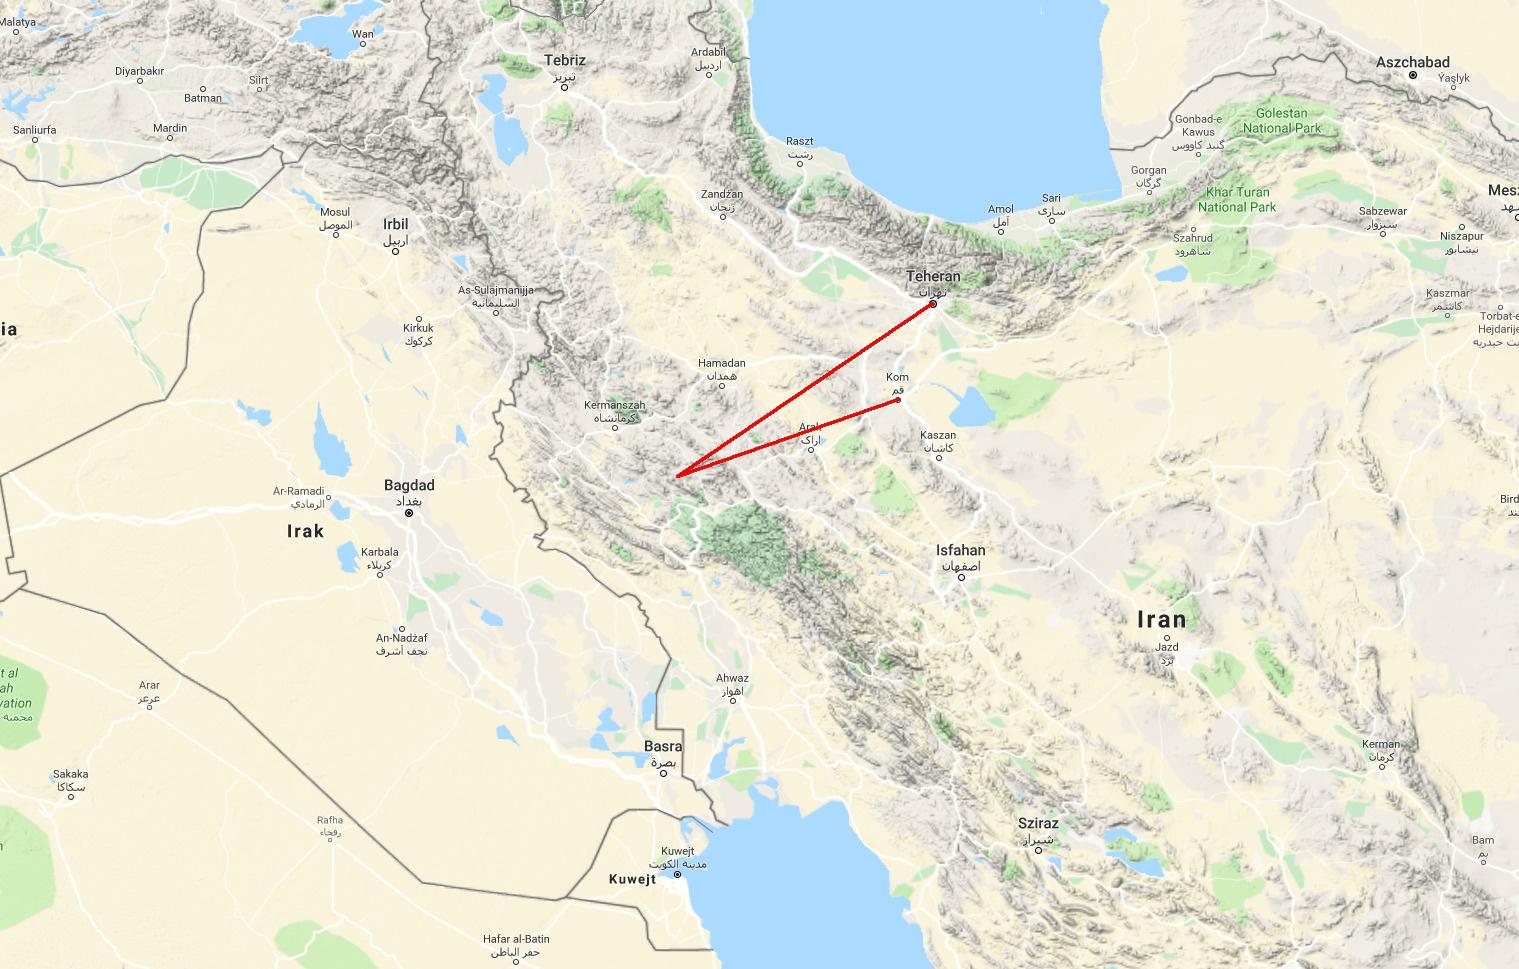 Teheran_mg.jpg